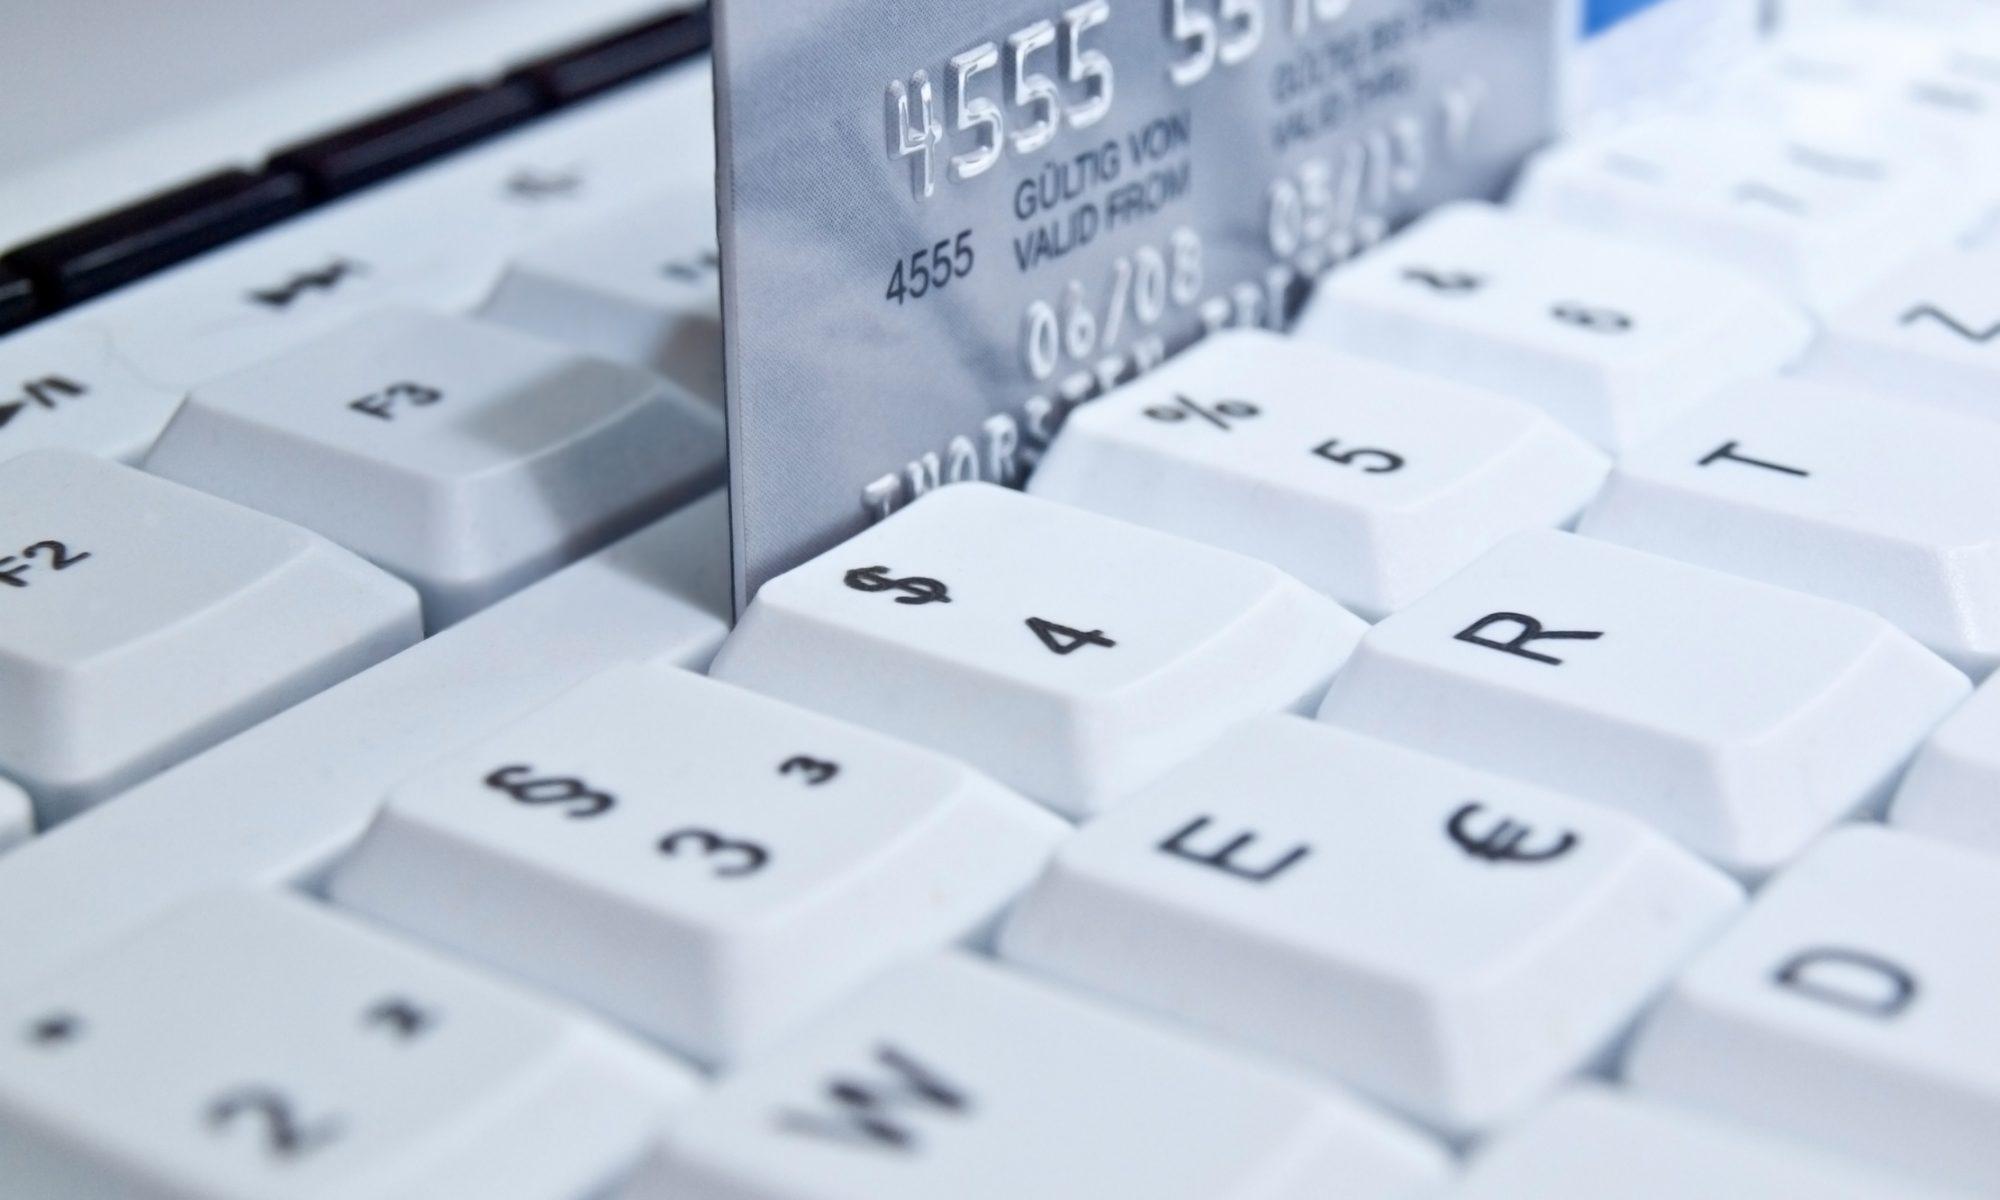 Symboldbild für Internetbanking und Homebanking, Tastatur und Kreditkarte sind abgebildet (Bildquelle: © fotokalle - Fotolia.com)